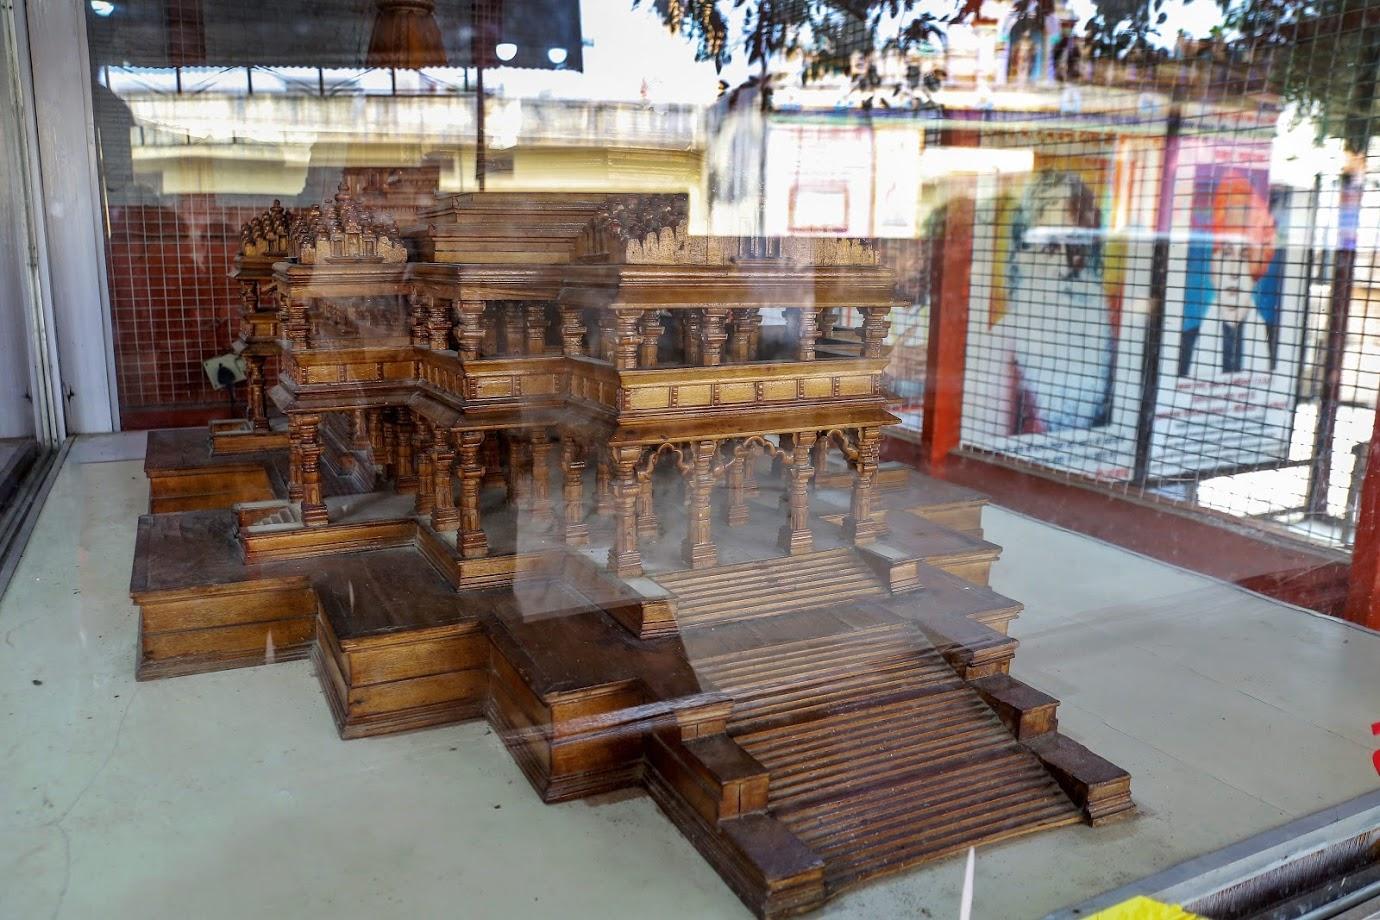 सुप्रीम कोर्टात 17 ऑक्टोबरला ऐतिहासिक अयोध्या केसचा निकाल लागणार आहे. पण अयोध्येच्या कारसेवकपुरममध्ये राममंदिराचं काम कित्येक वर्षांपूर्वीच सुरू झालं आहे.